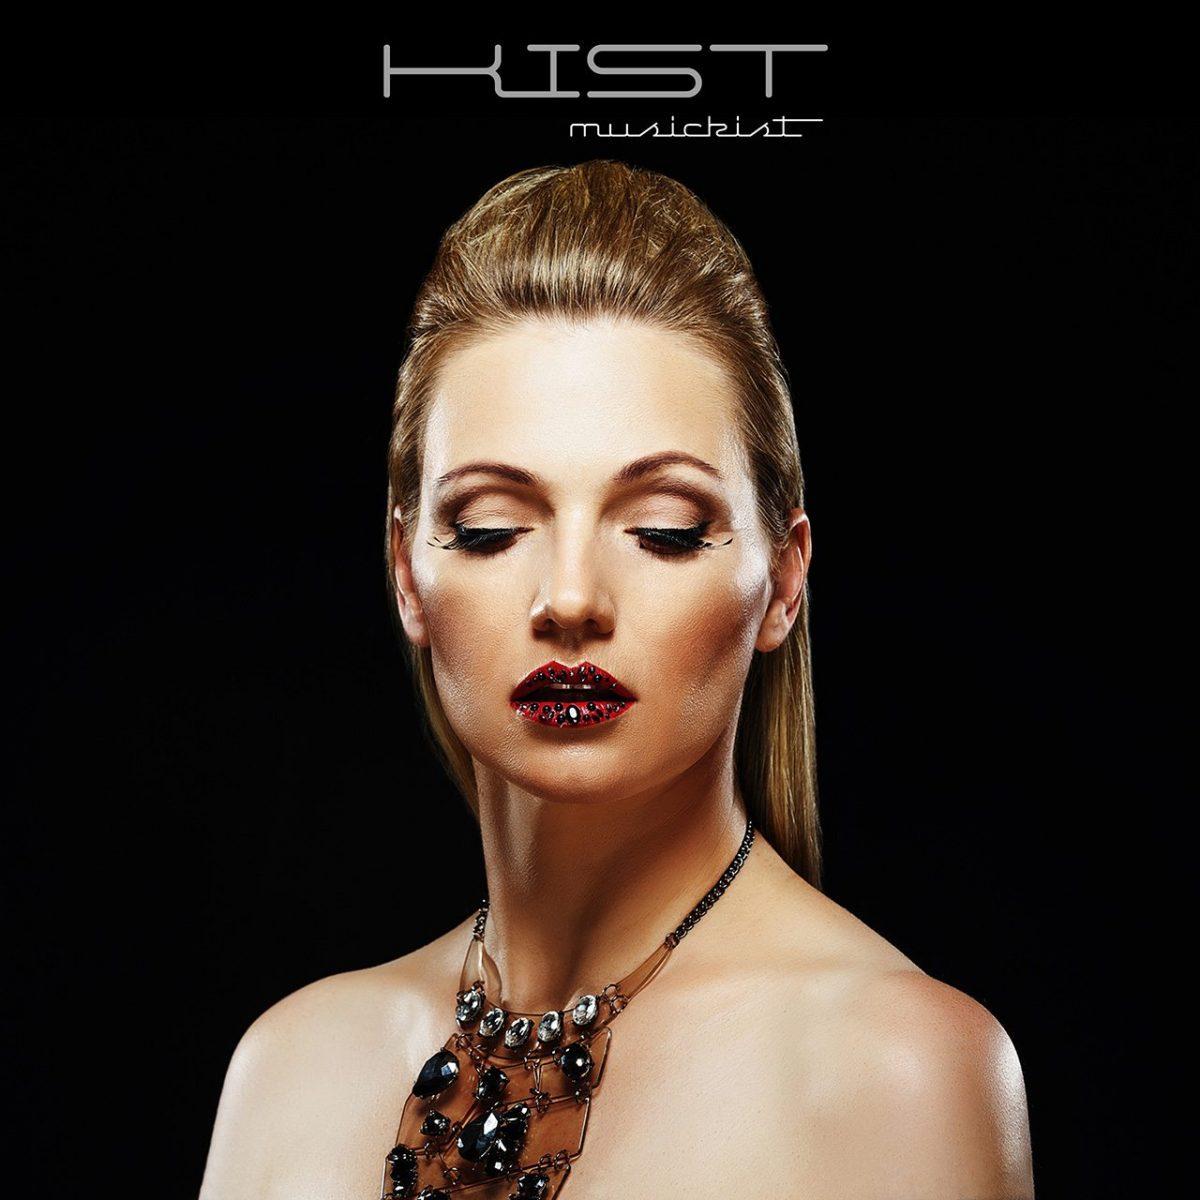 Kist - Musickist (CD-cover)